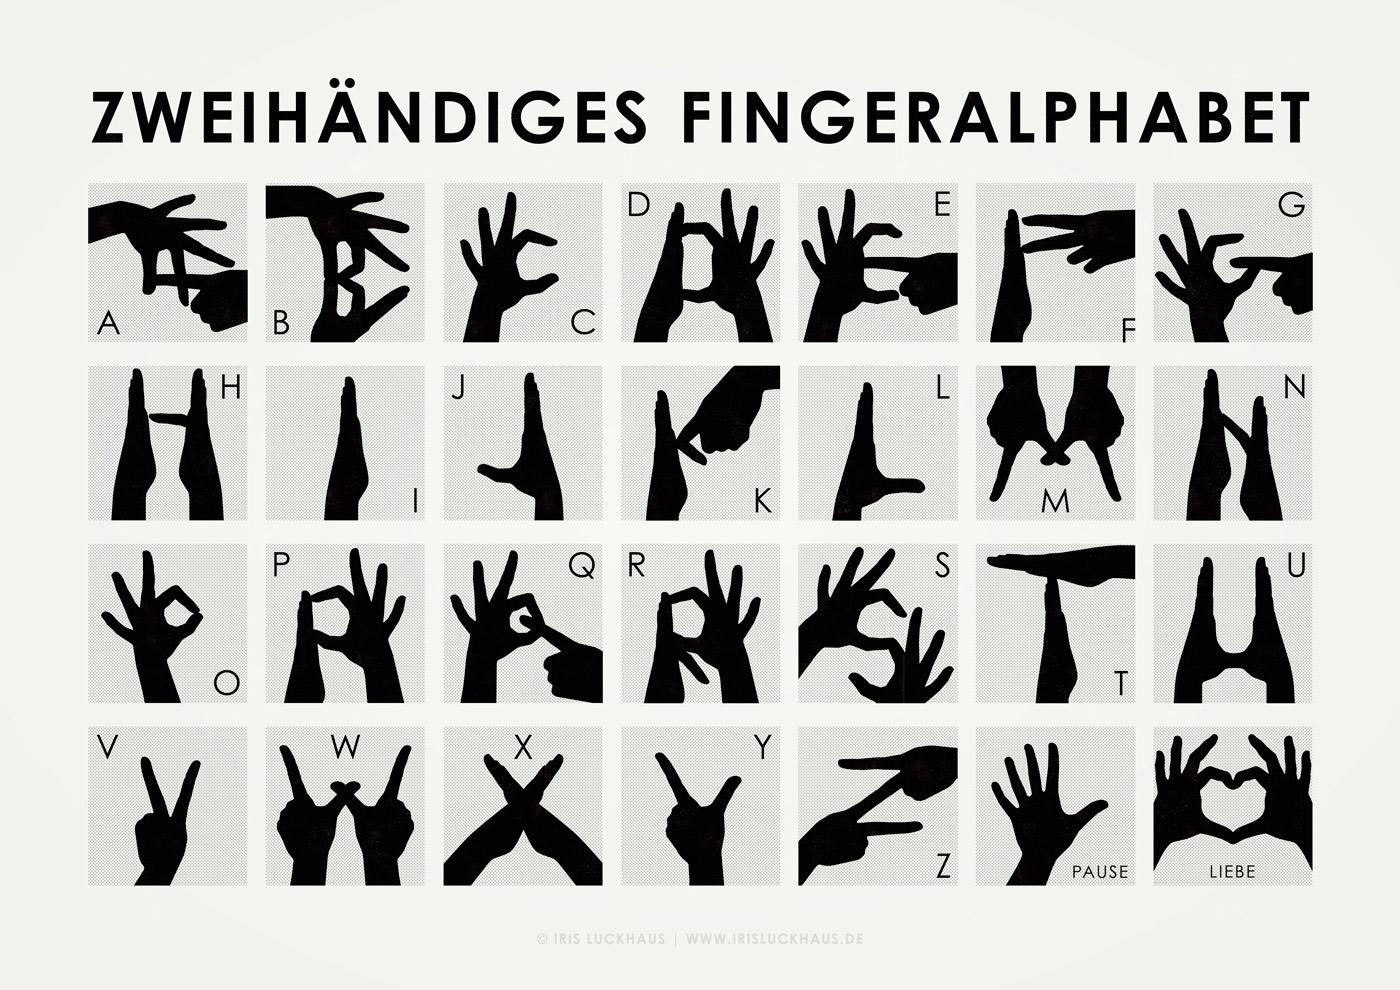 Infografik mit Illustrationen zum zweihändigen Fingeralphabet von Iris Luckhaus